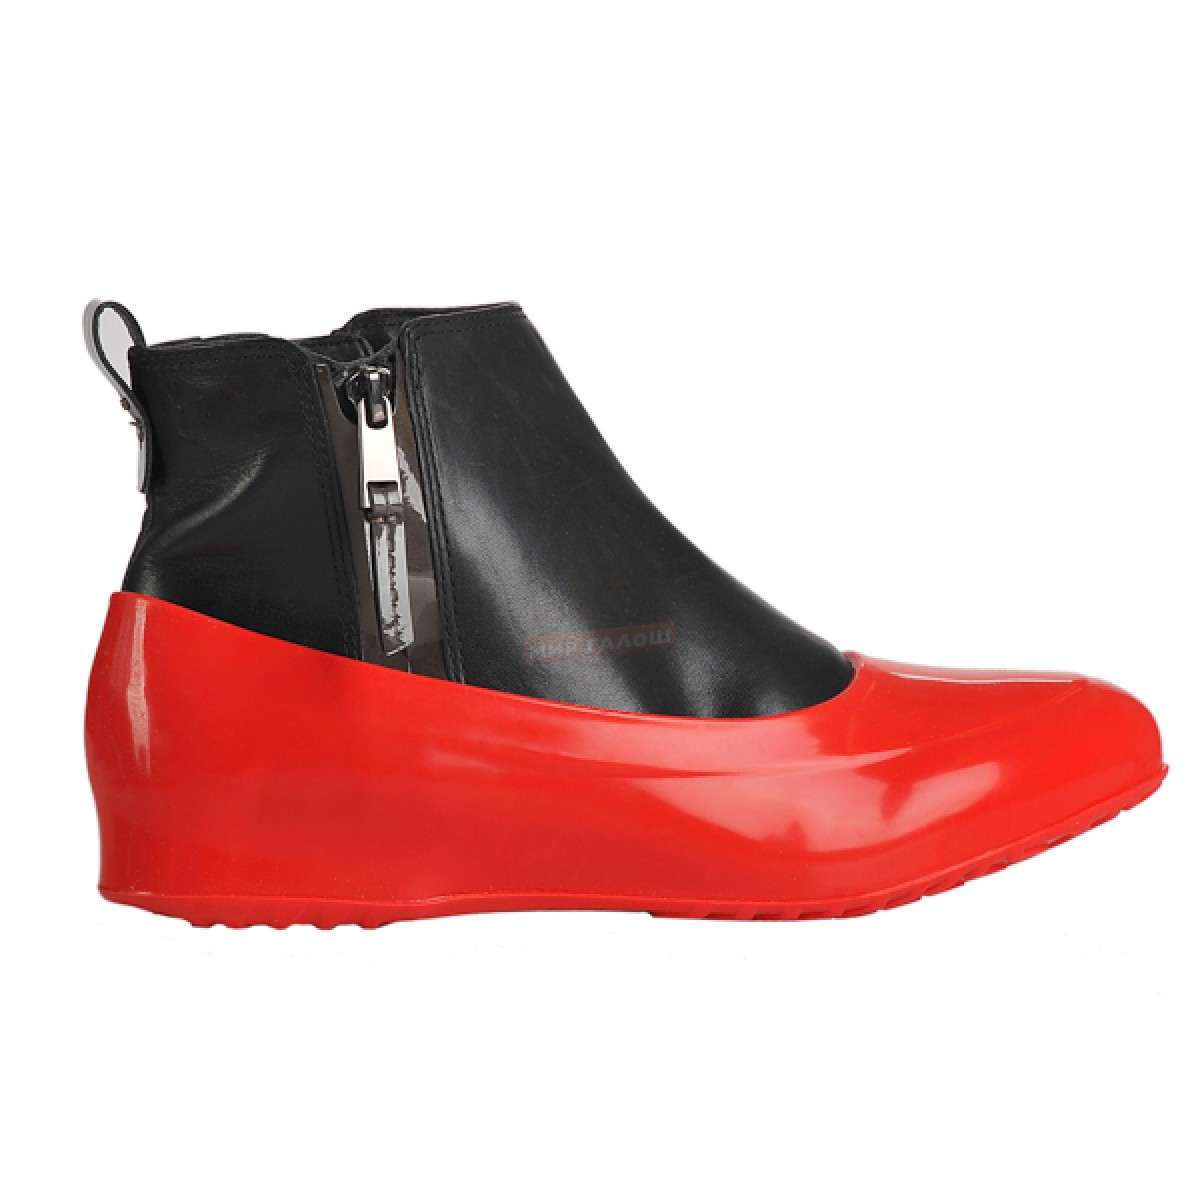 Женские галоши для обуви без каблука, алые паруса